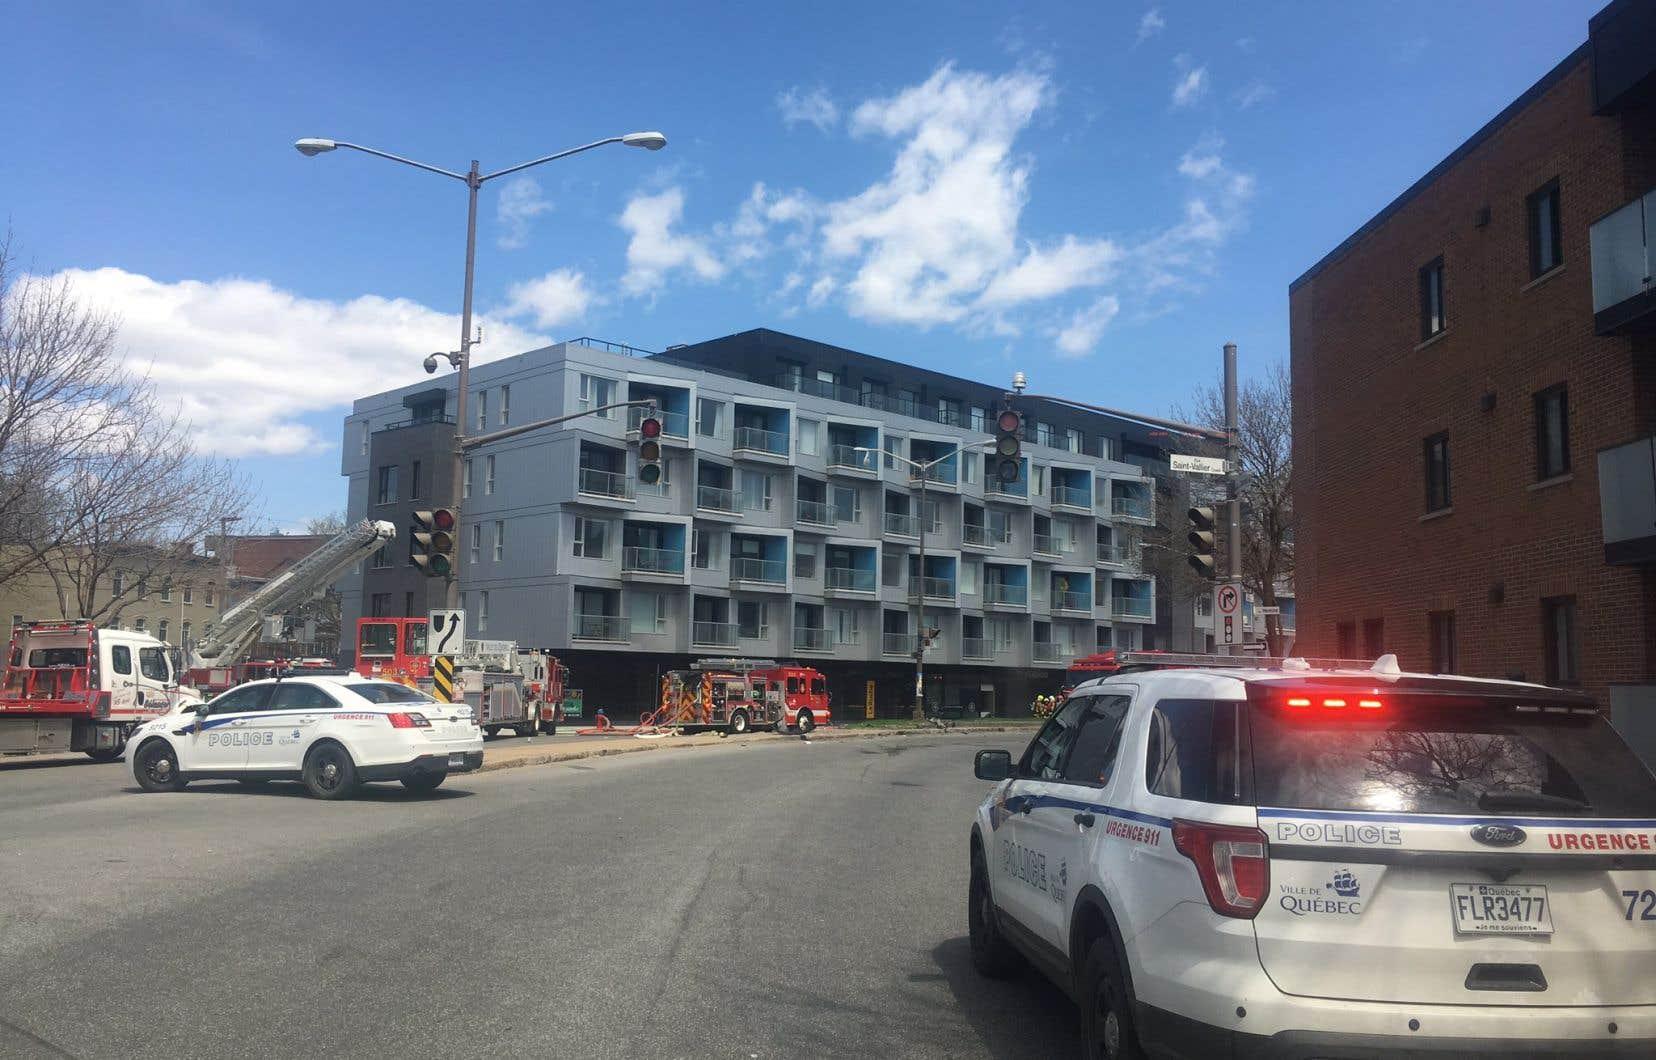 Une voiture s'est engouffrée dans un immeuble mercredi après-midi, à Québec.